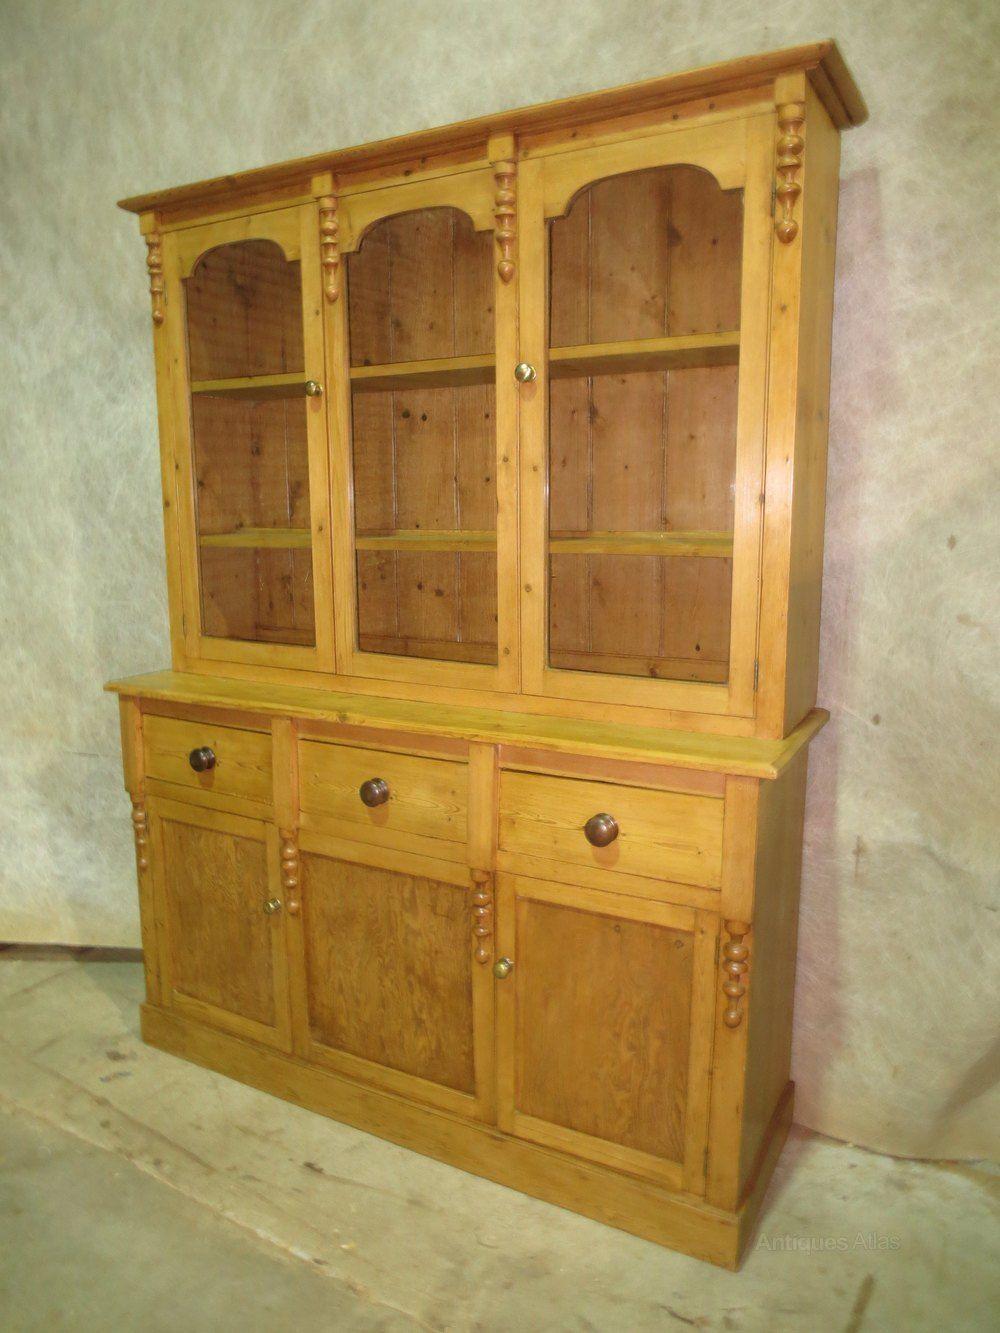 Antiques Atlas Antique Pine Furniture